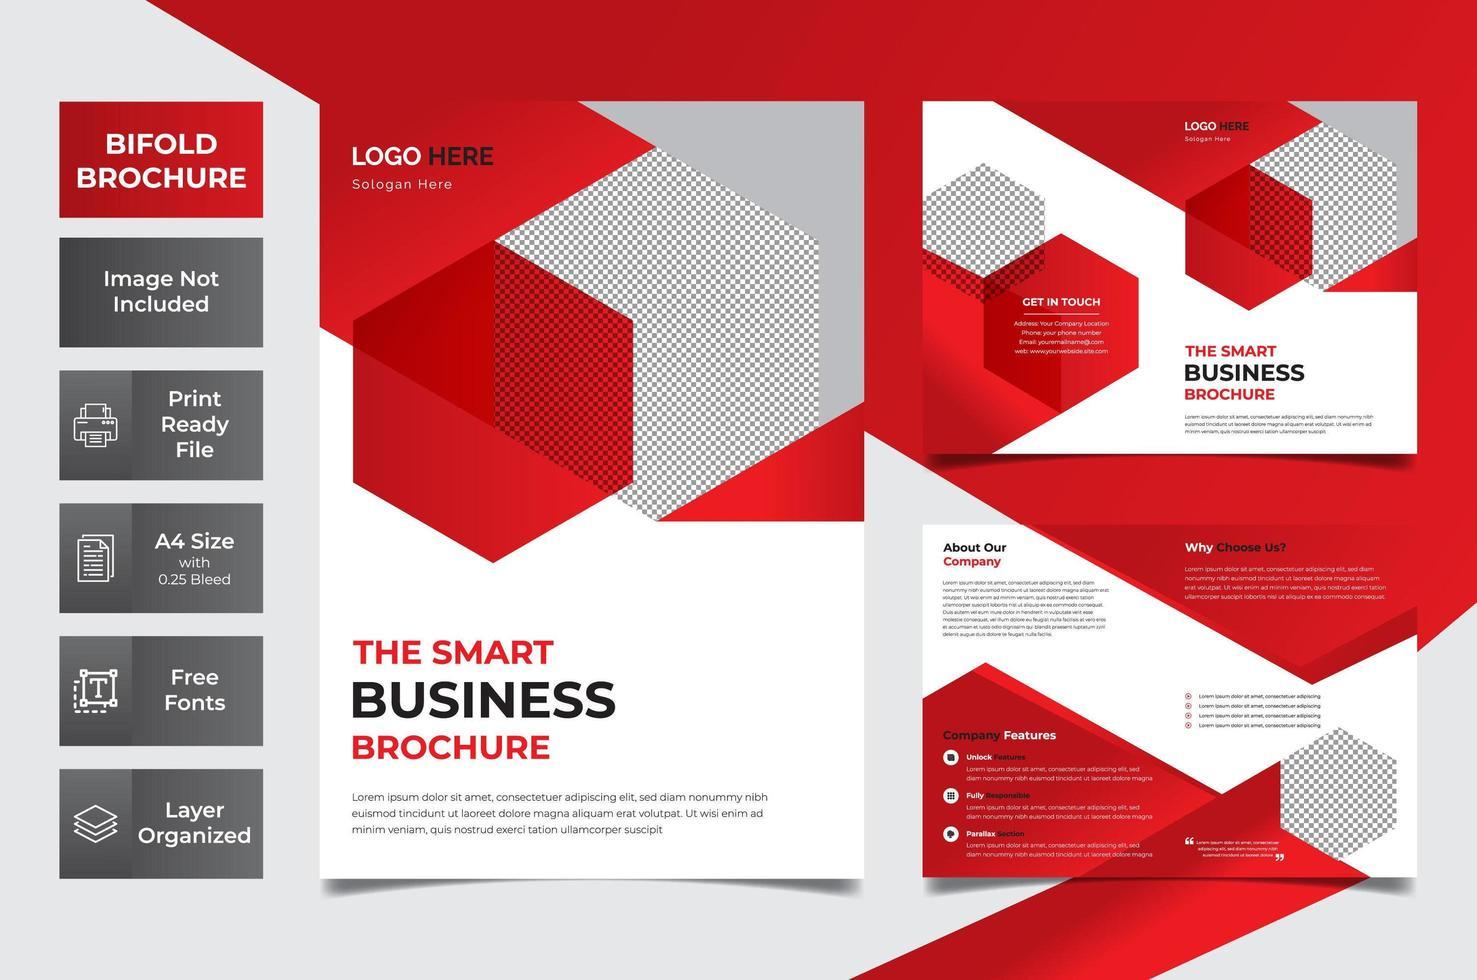 röd och vit tvåfaldig broschyr vektor